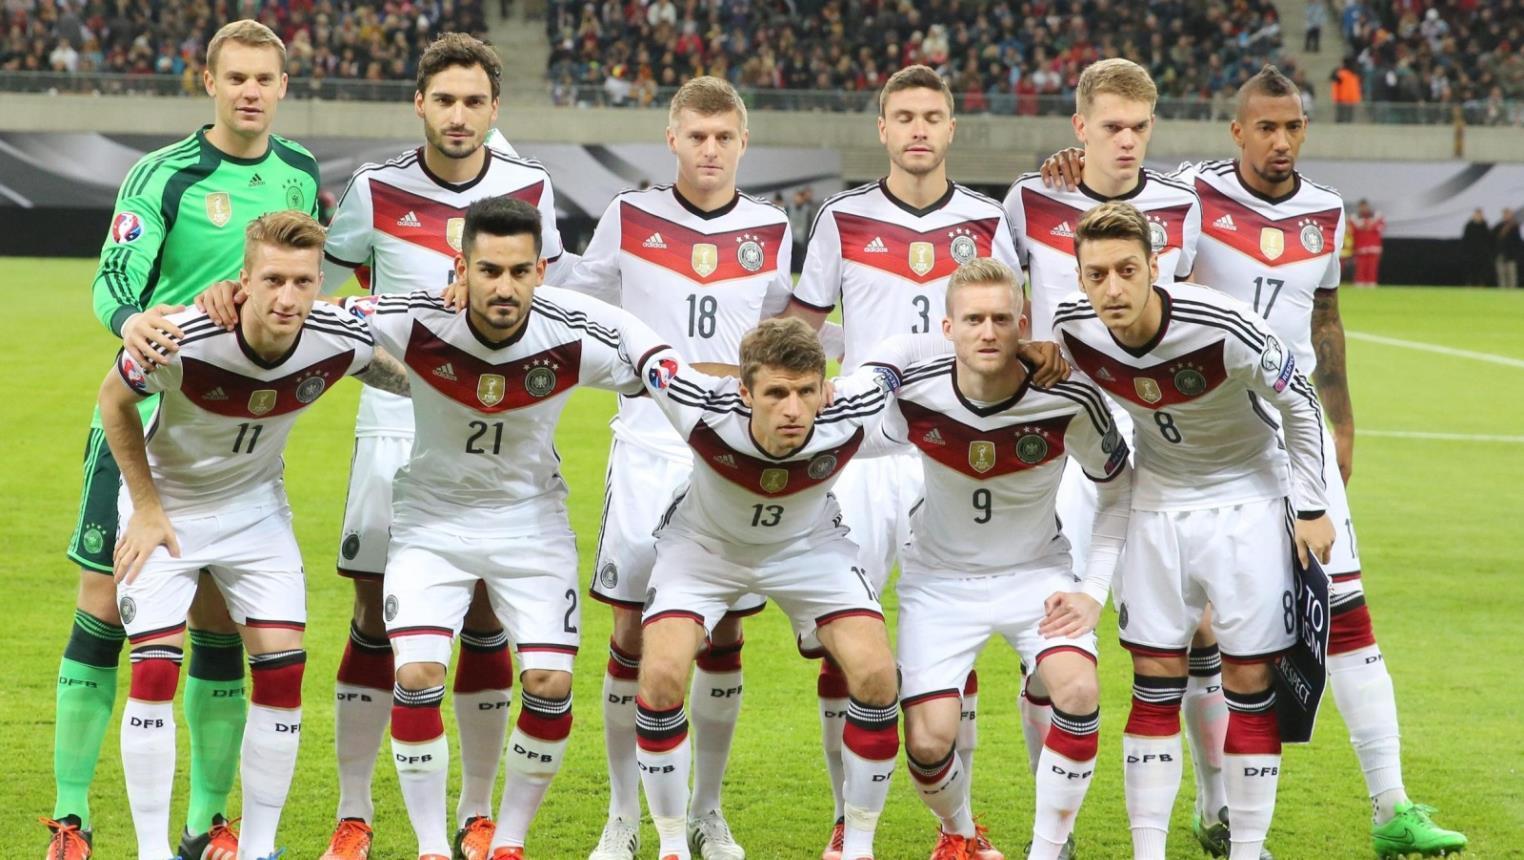 منتخب ألمانيا لكرة القدم اقرأ السوق المفتوح